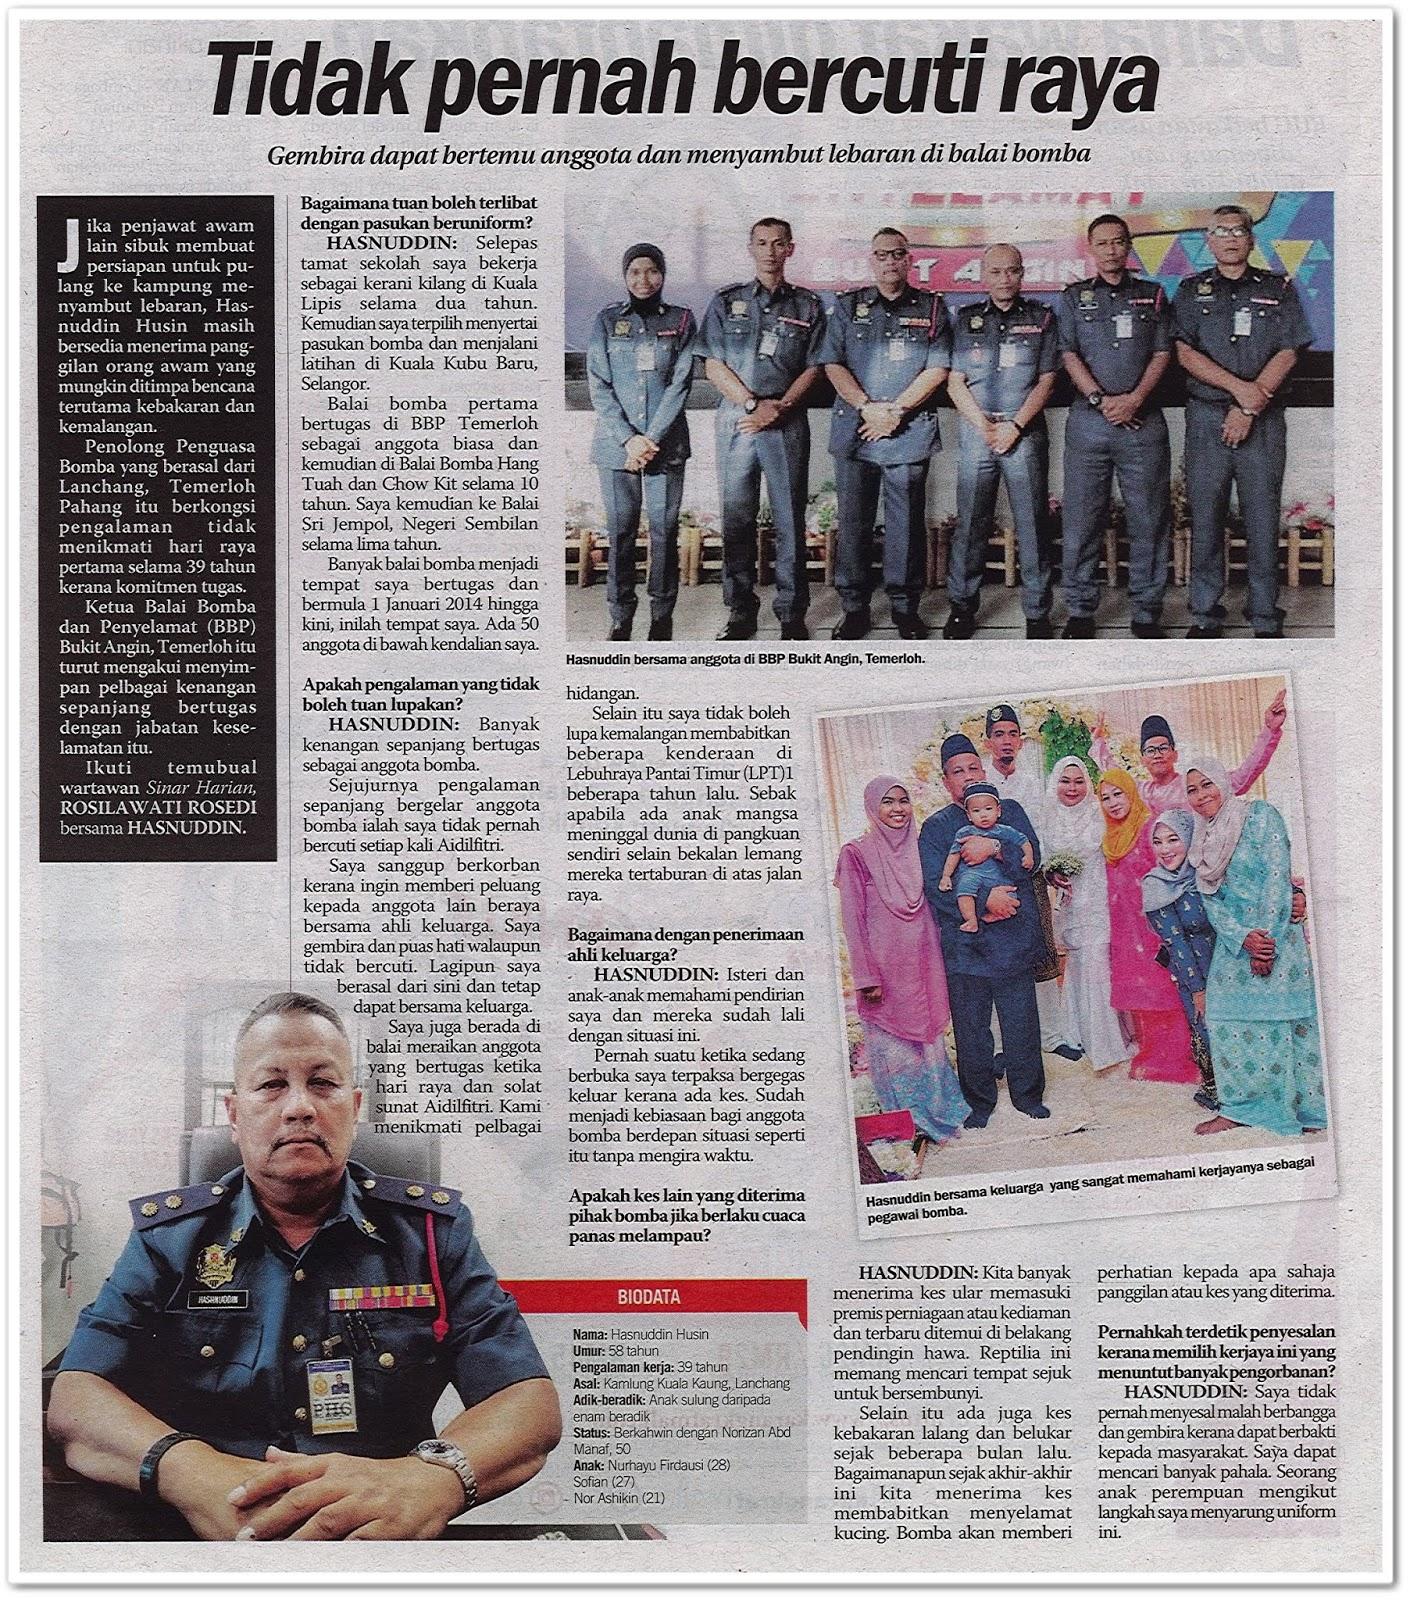 Tidak pernah bercuti raya - Keratan akhbar Sinar Harian 3 Jun 2019